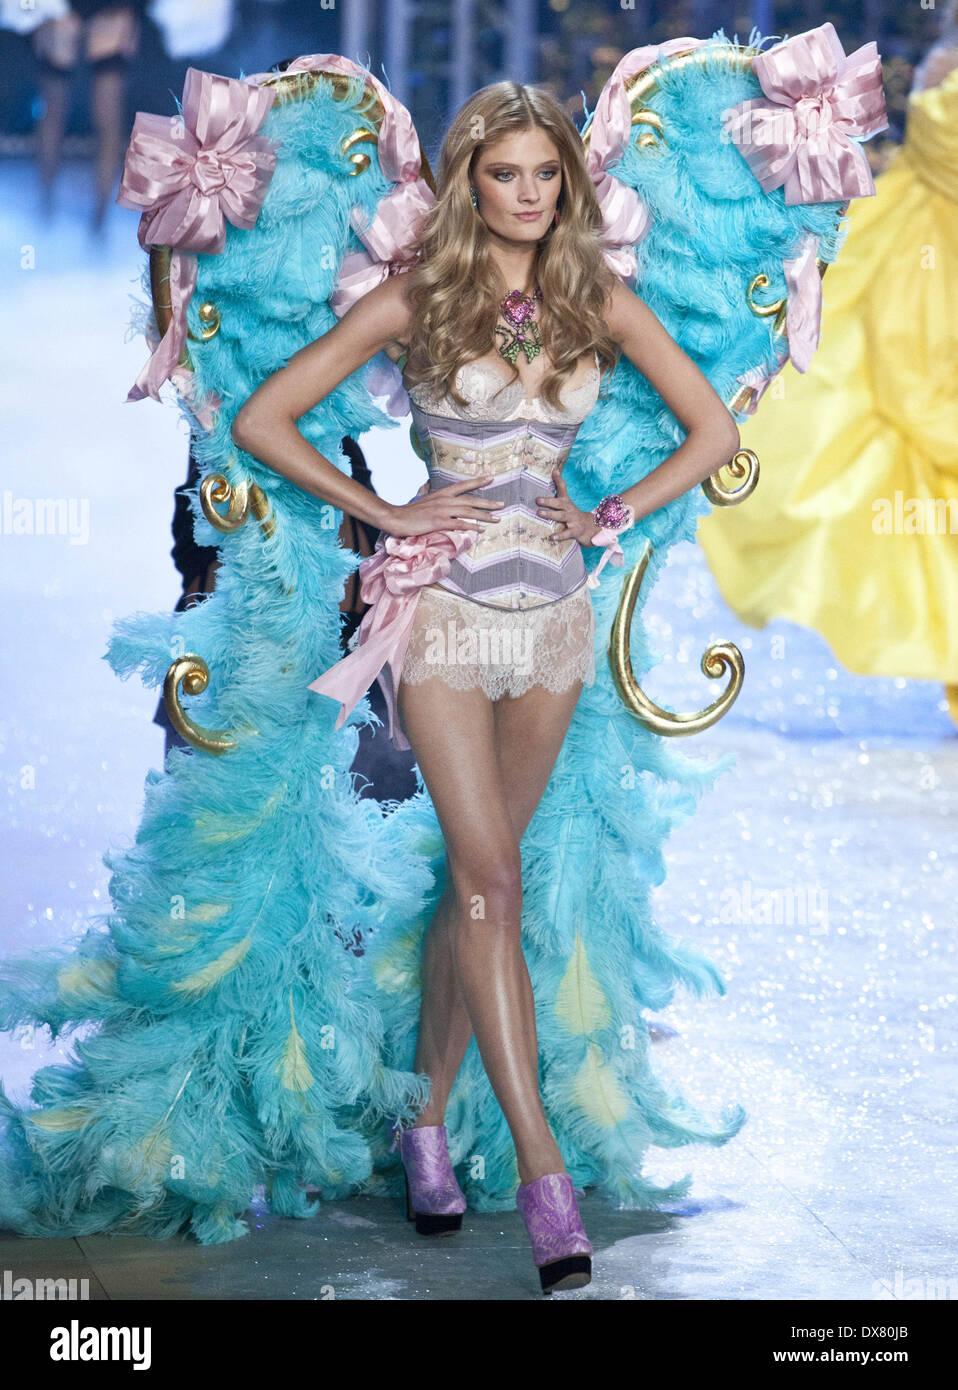 8b72e40fb3 Constance Jablonski at the Victoria Secret Fashion Show 2012 Lexington  Avenue Armory Featuring  Constance Jablonski